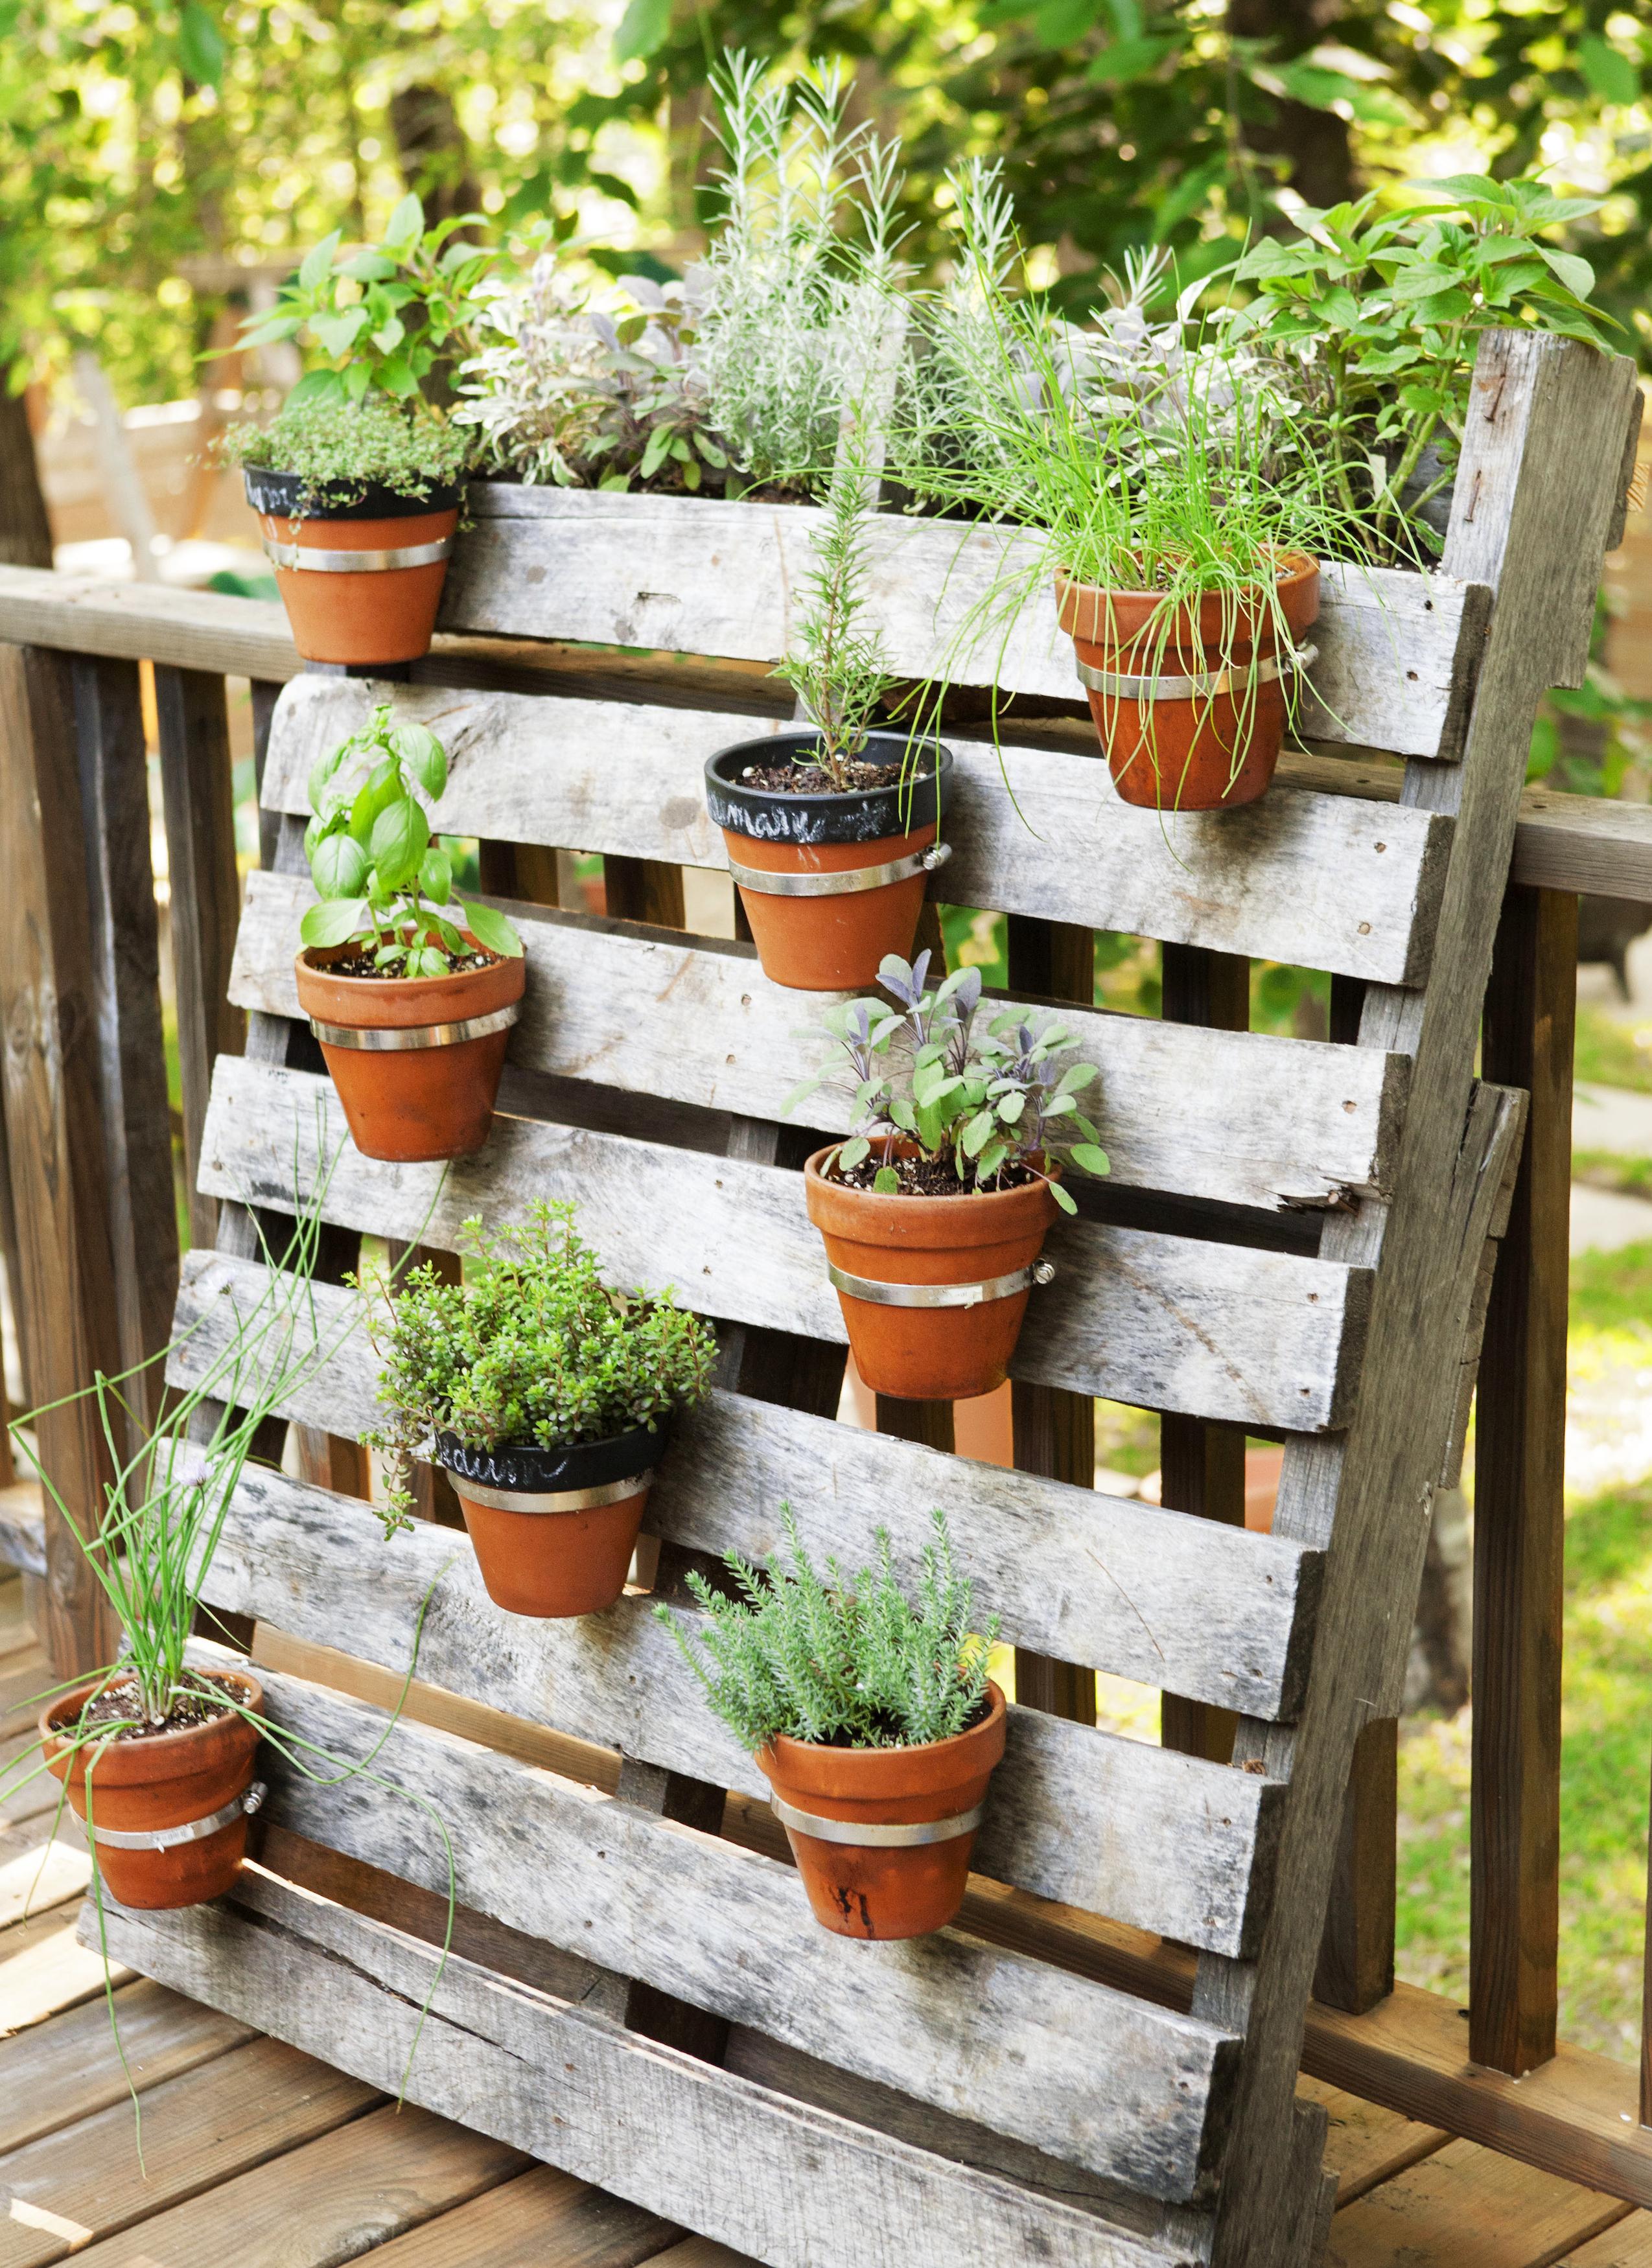 40 small garden ideas - small garden designs RFOKZBJ